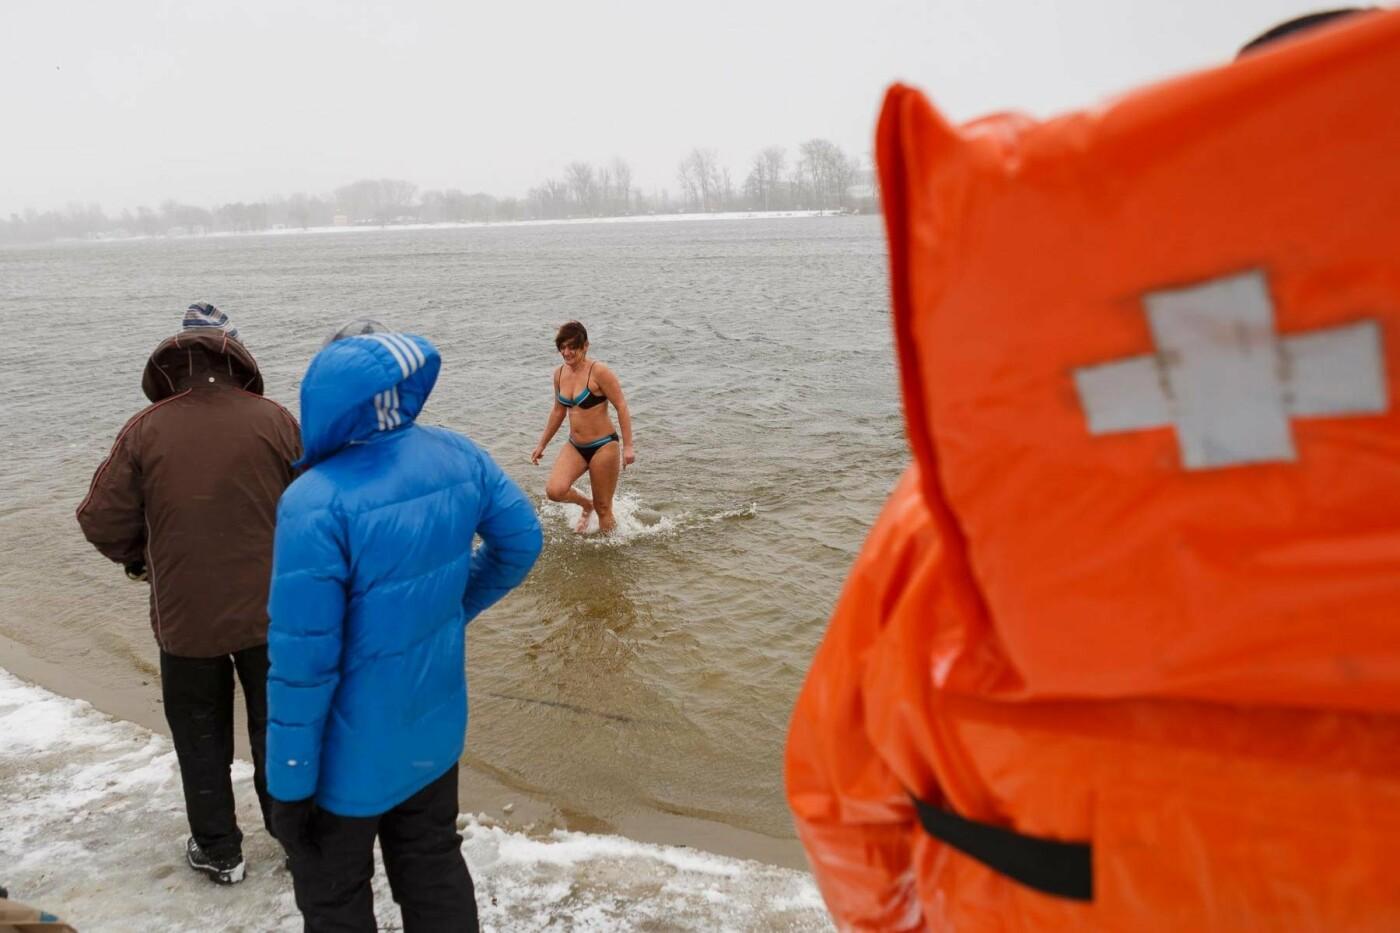 В Белгороде прошли соревнования по зимнему плаванию, фото-5